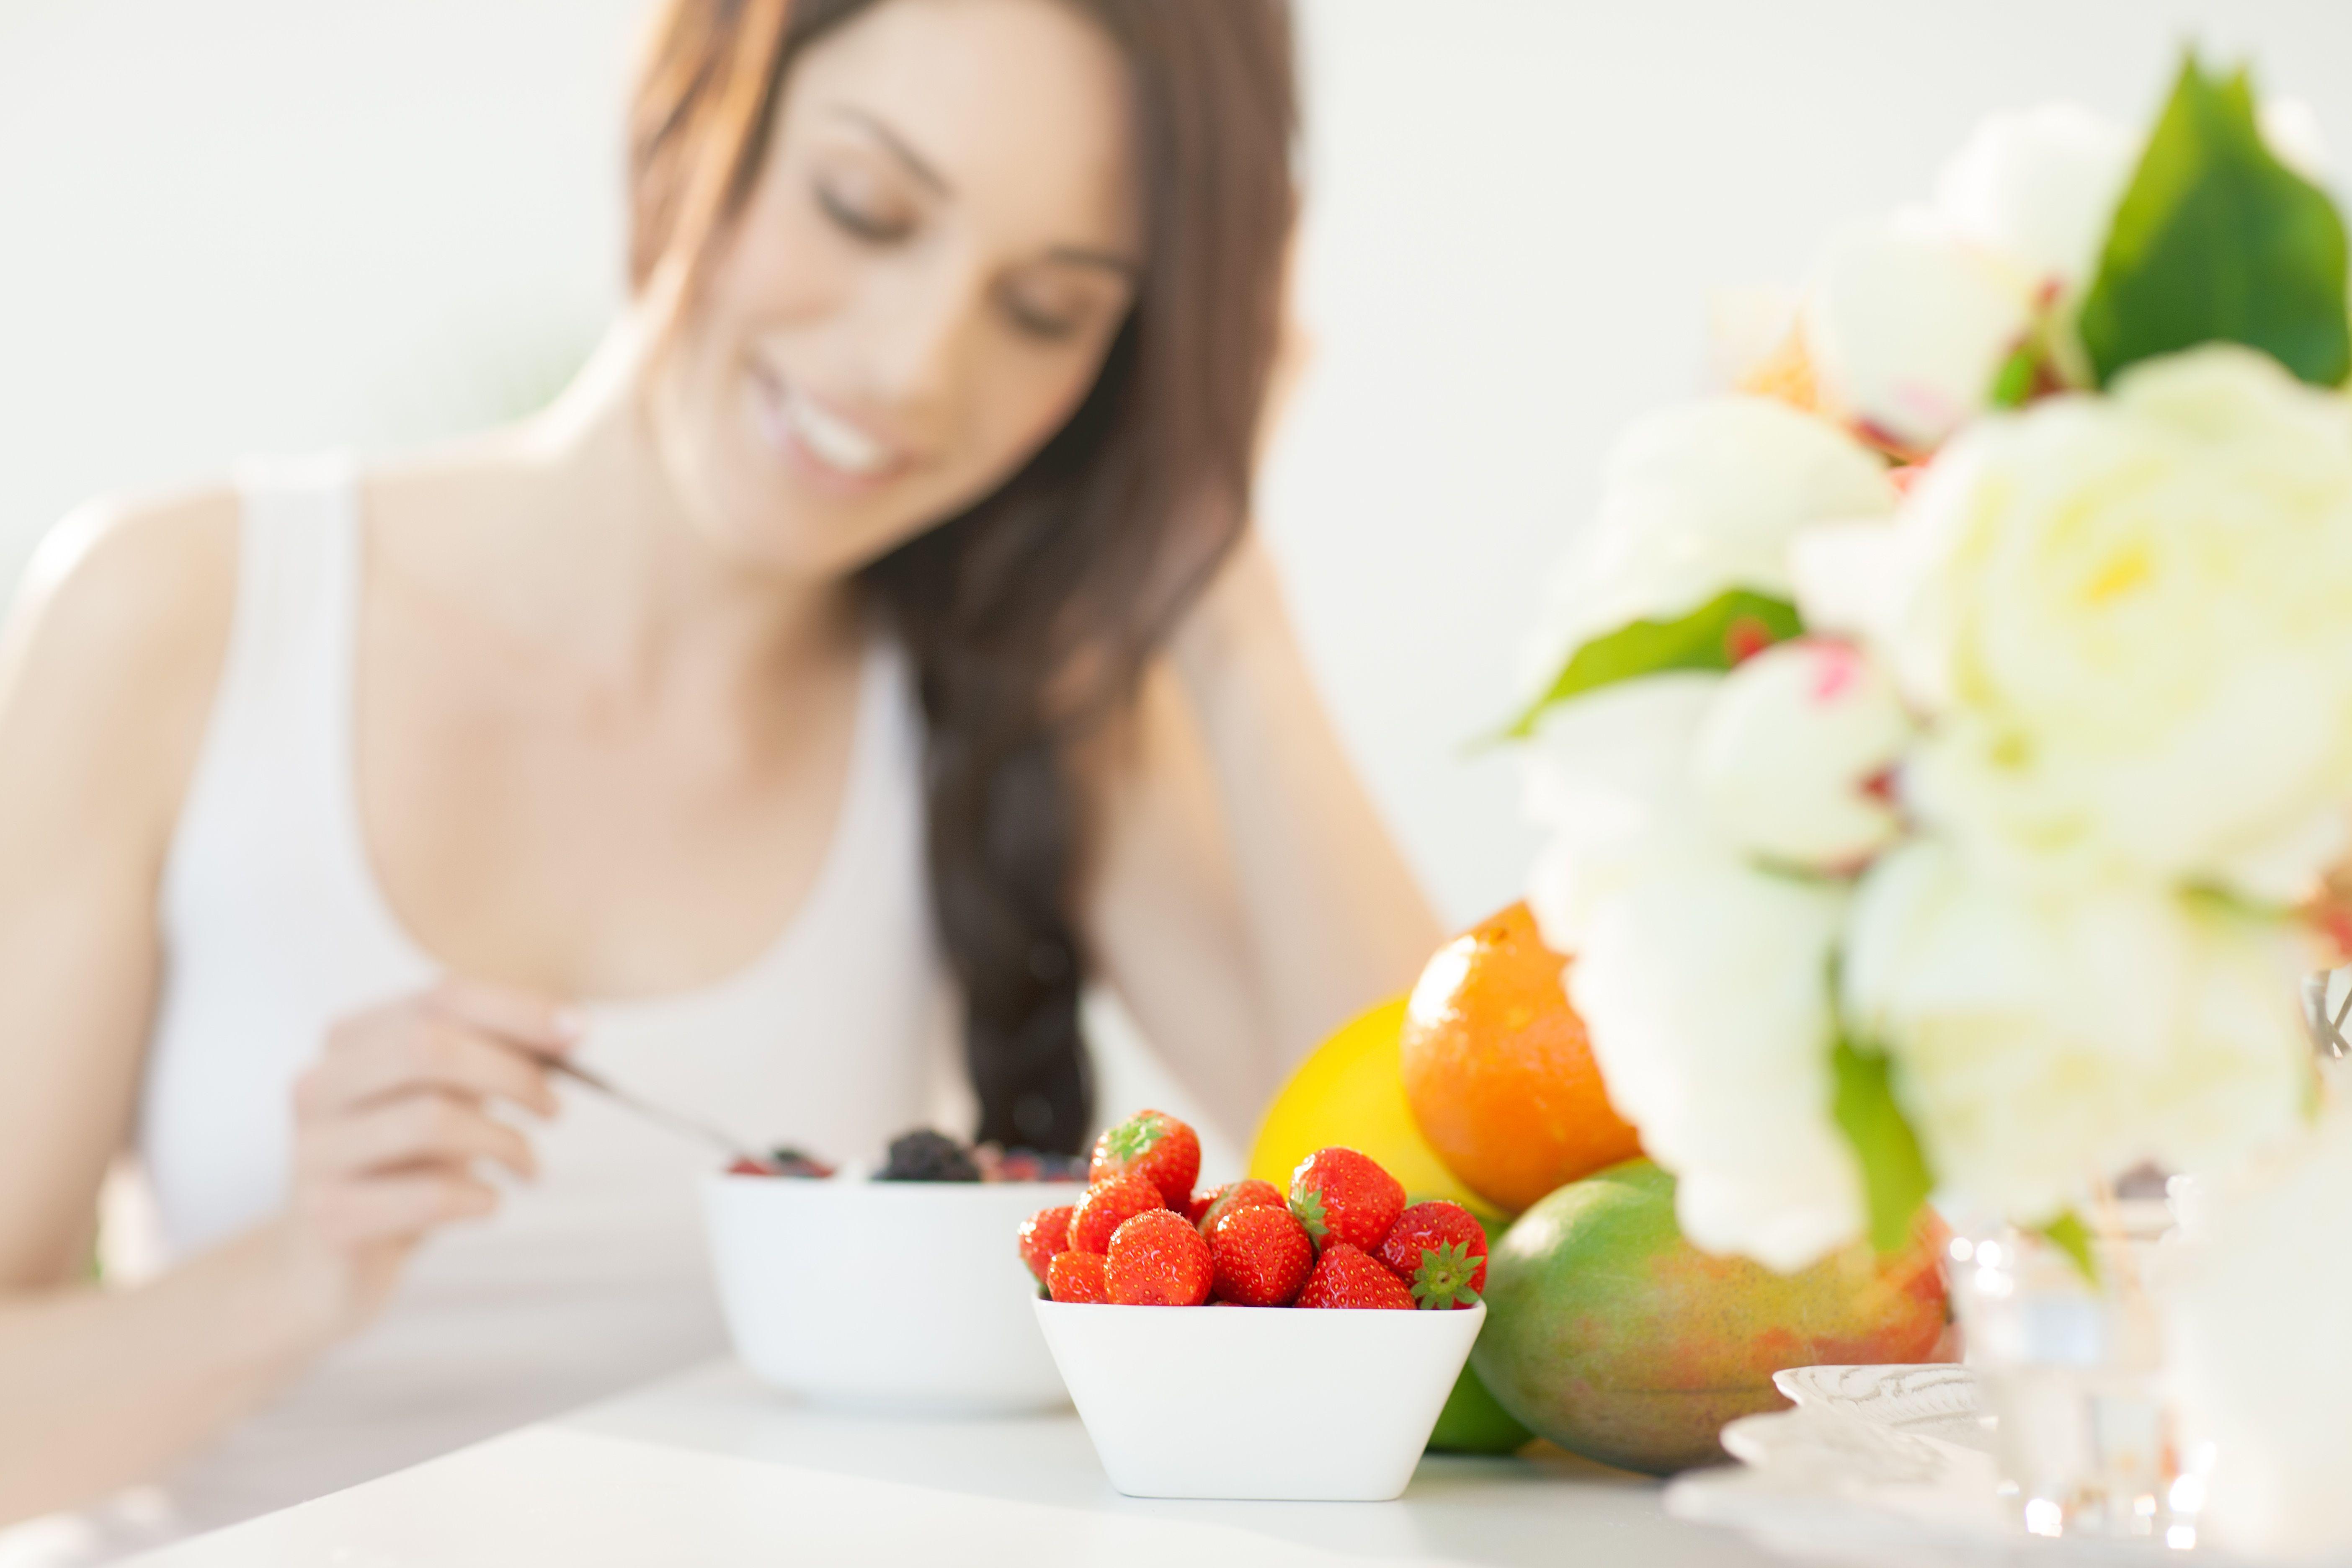 Educación y coaching nutricional en Valladolid